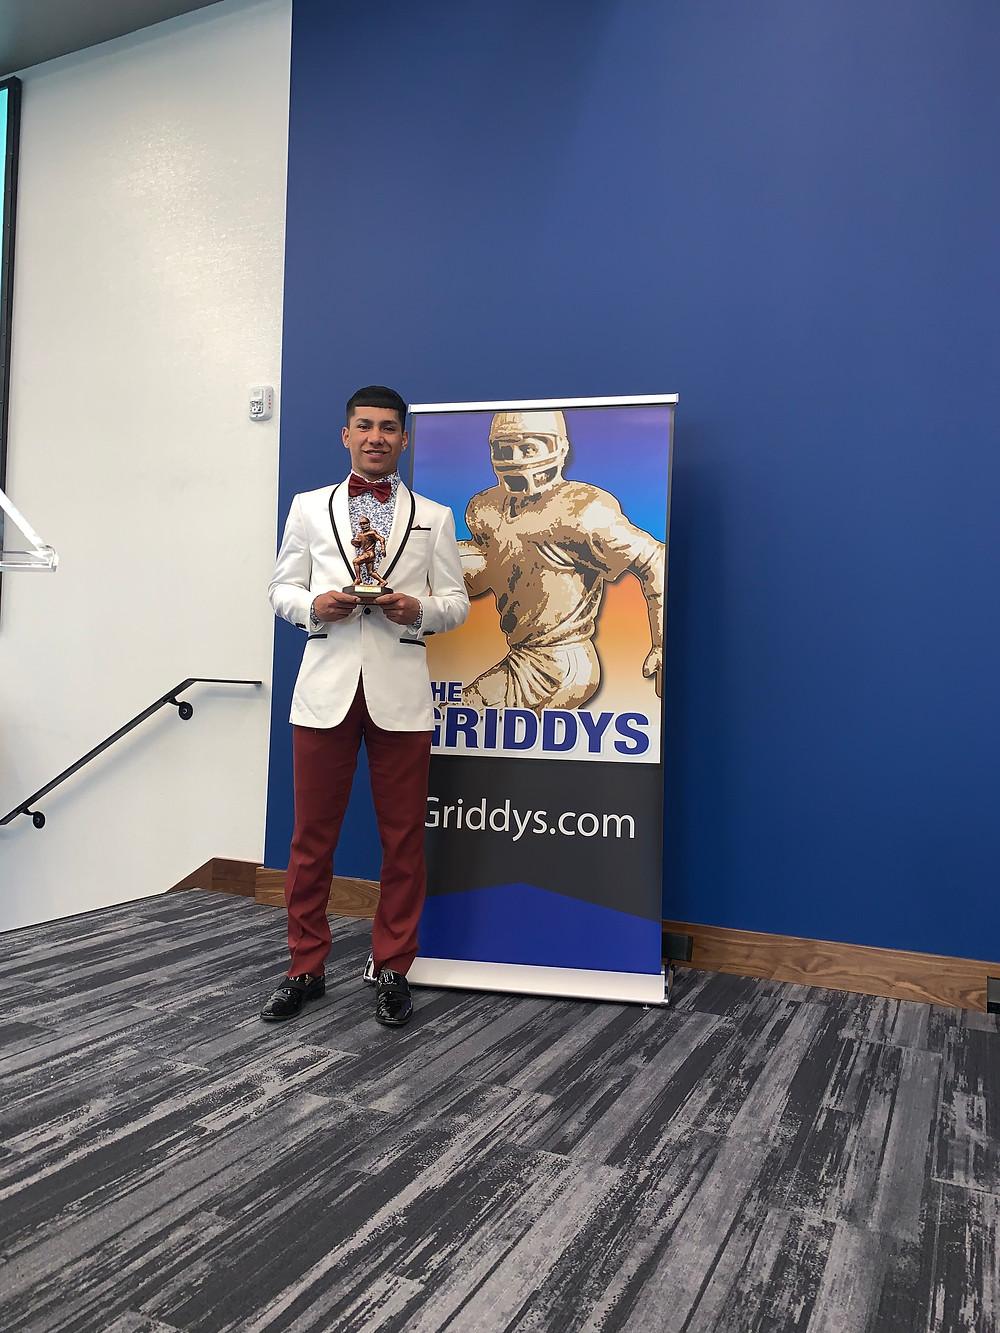 Nino at the 2019 Griddy Awards